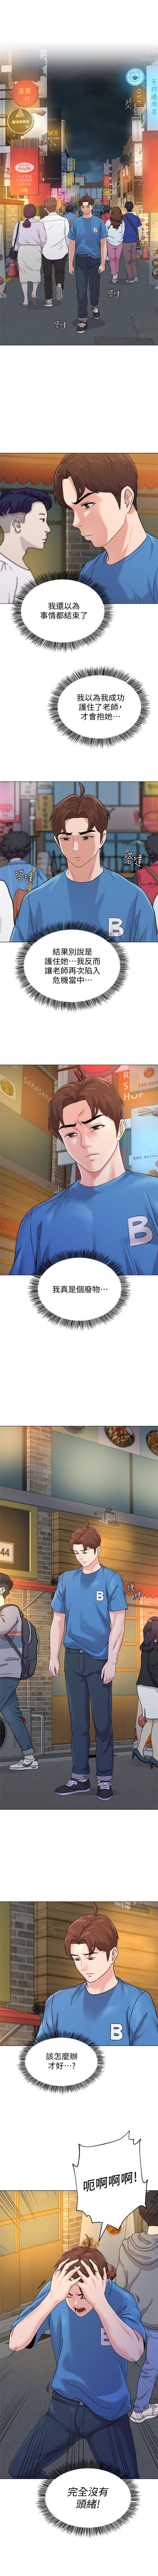 老師 1-80 官方中文(連載中) 461